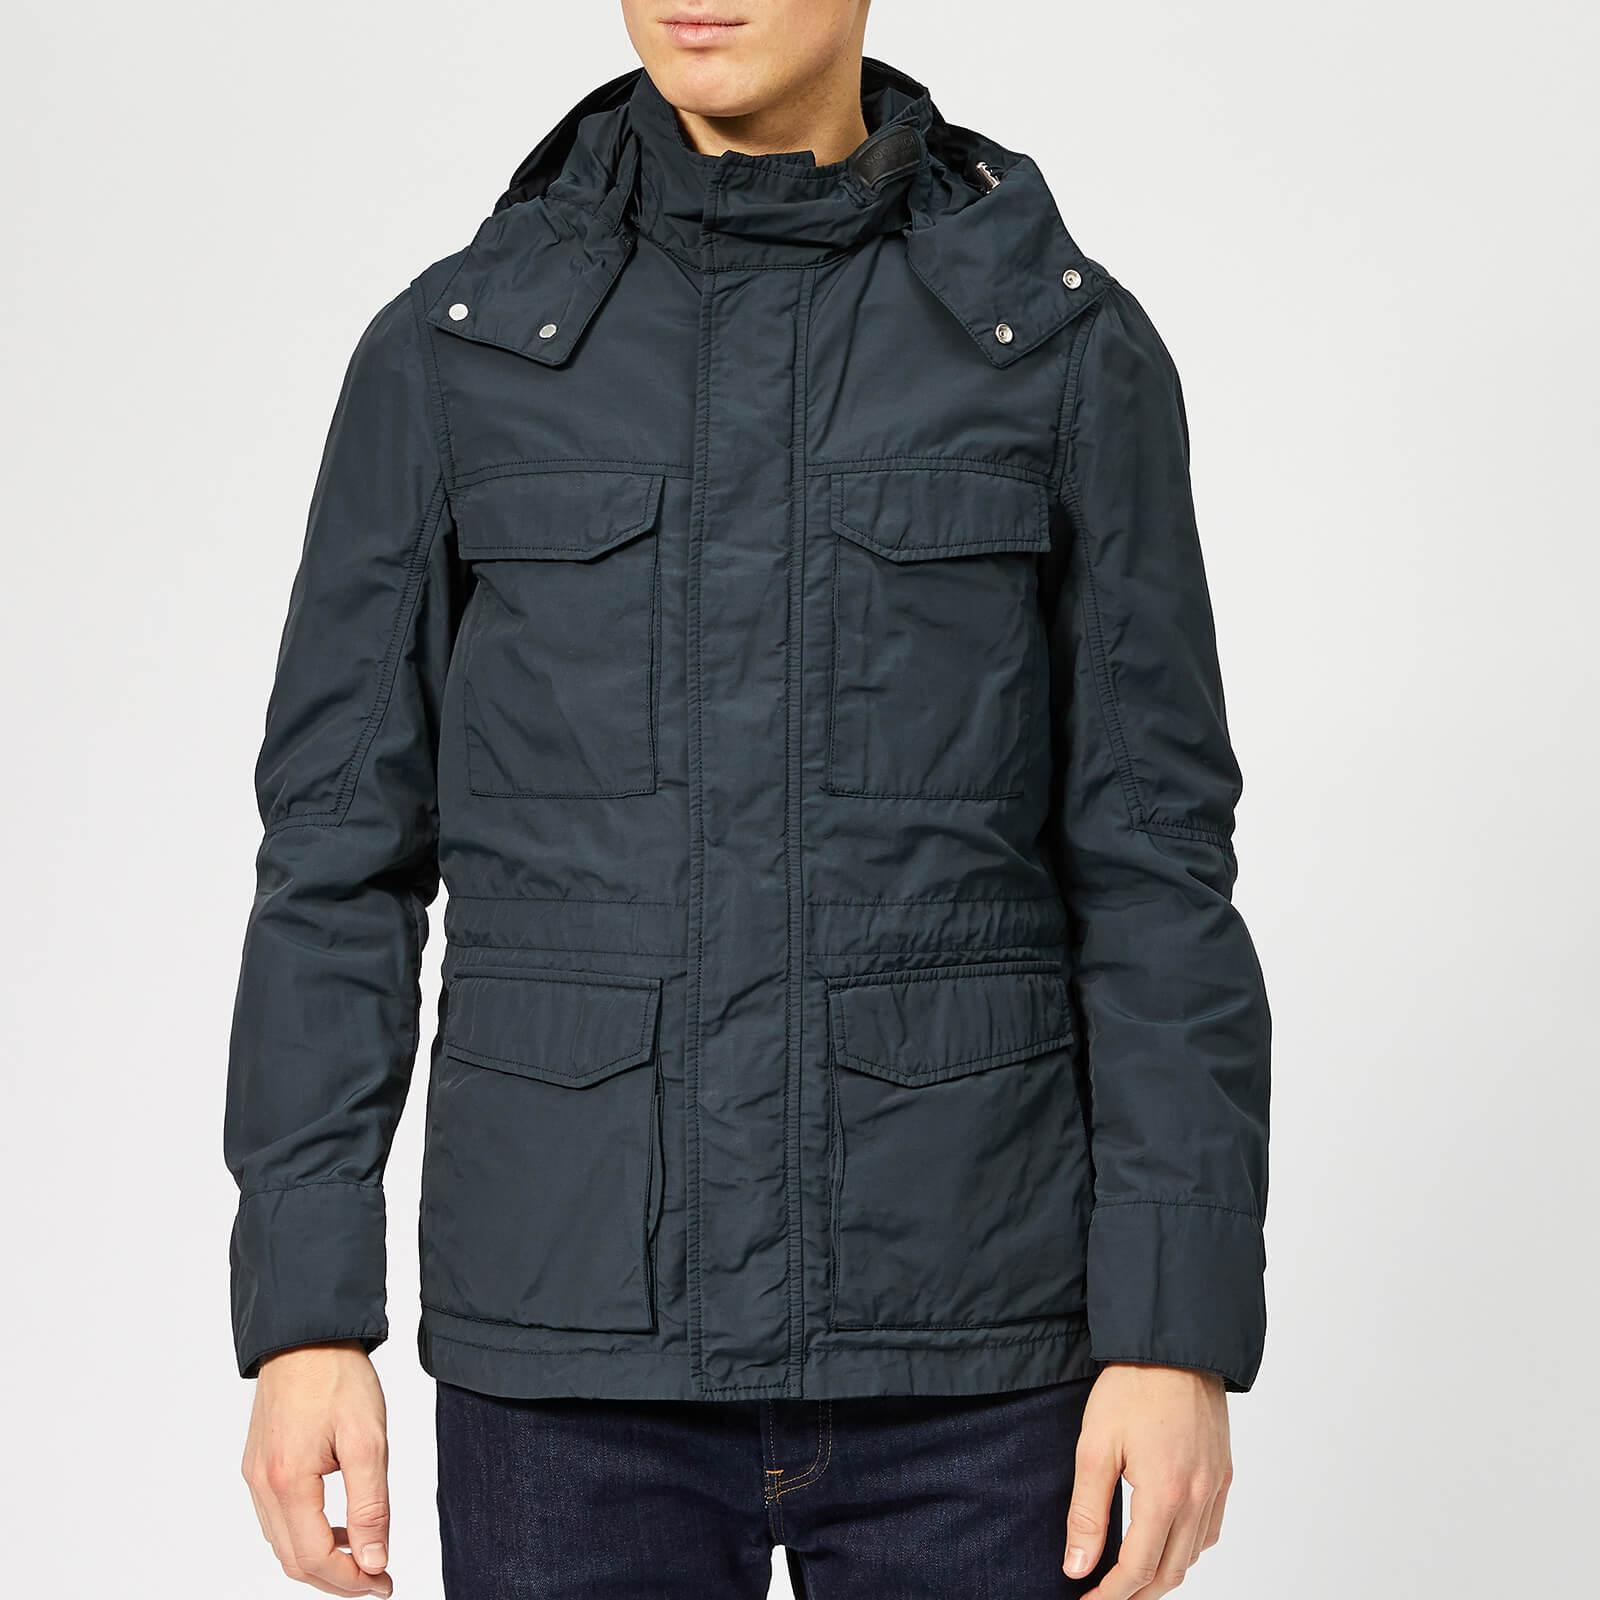 69661ae0b3d Woolrich Men's Utility Field Jacket - Melton Blue